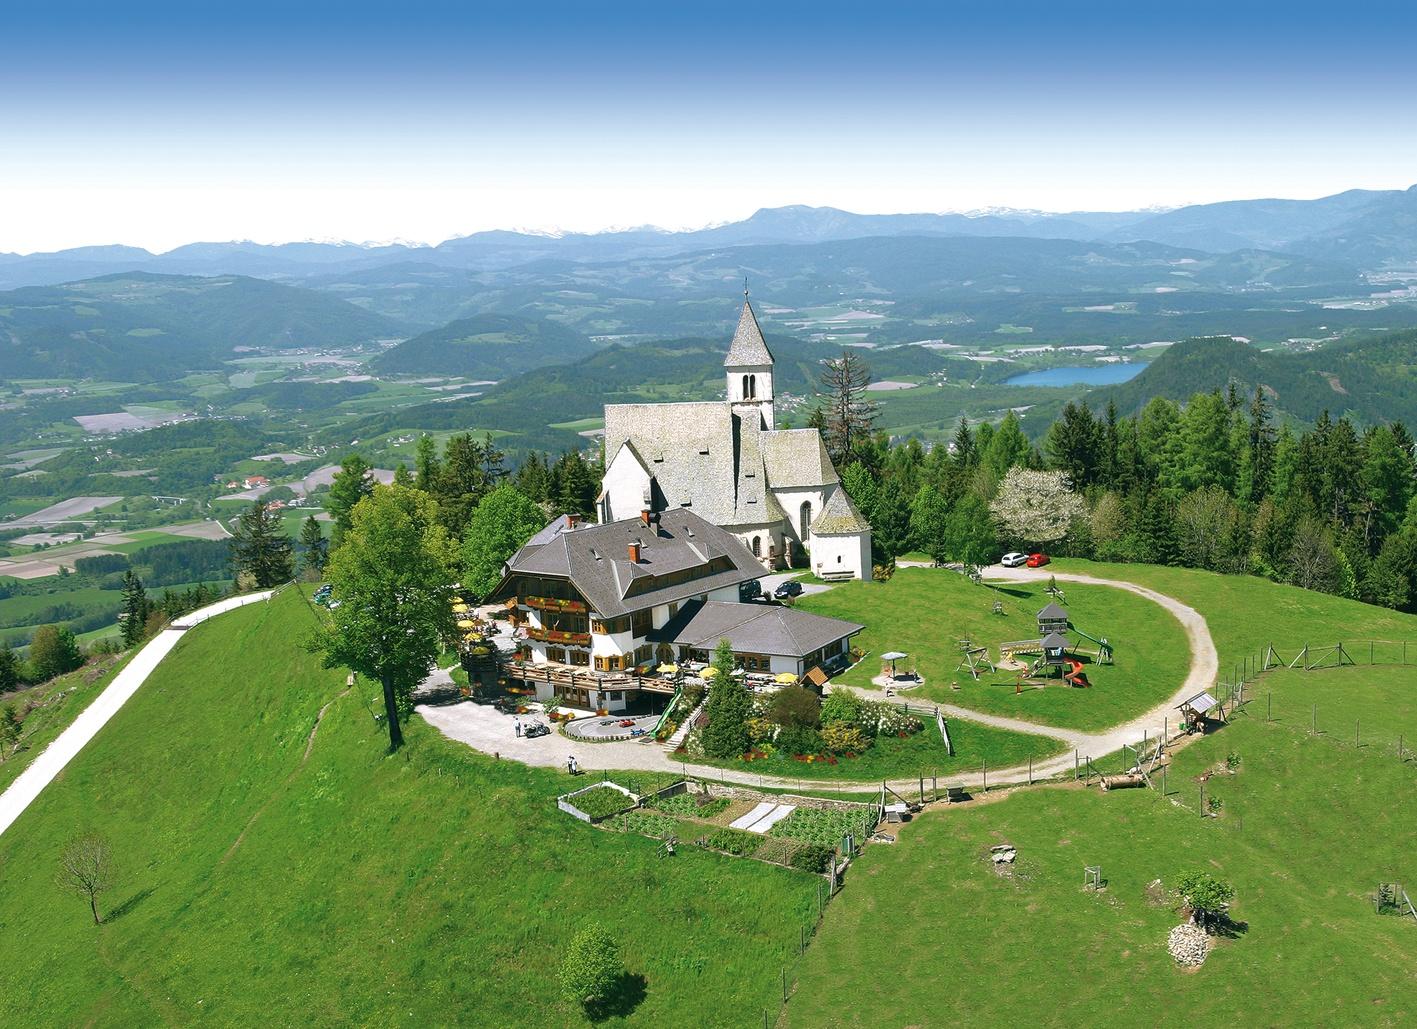 Feiern - Gipfelhaus Magdalensberg